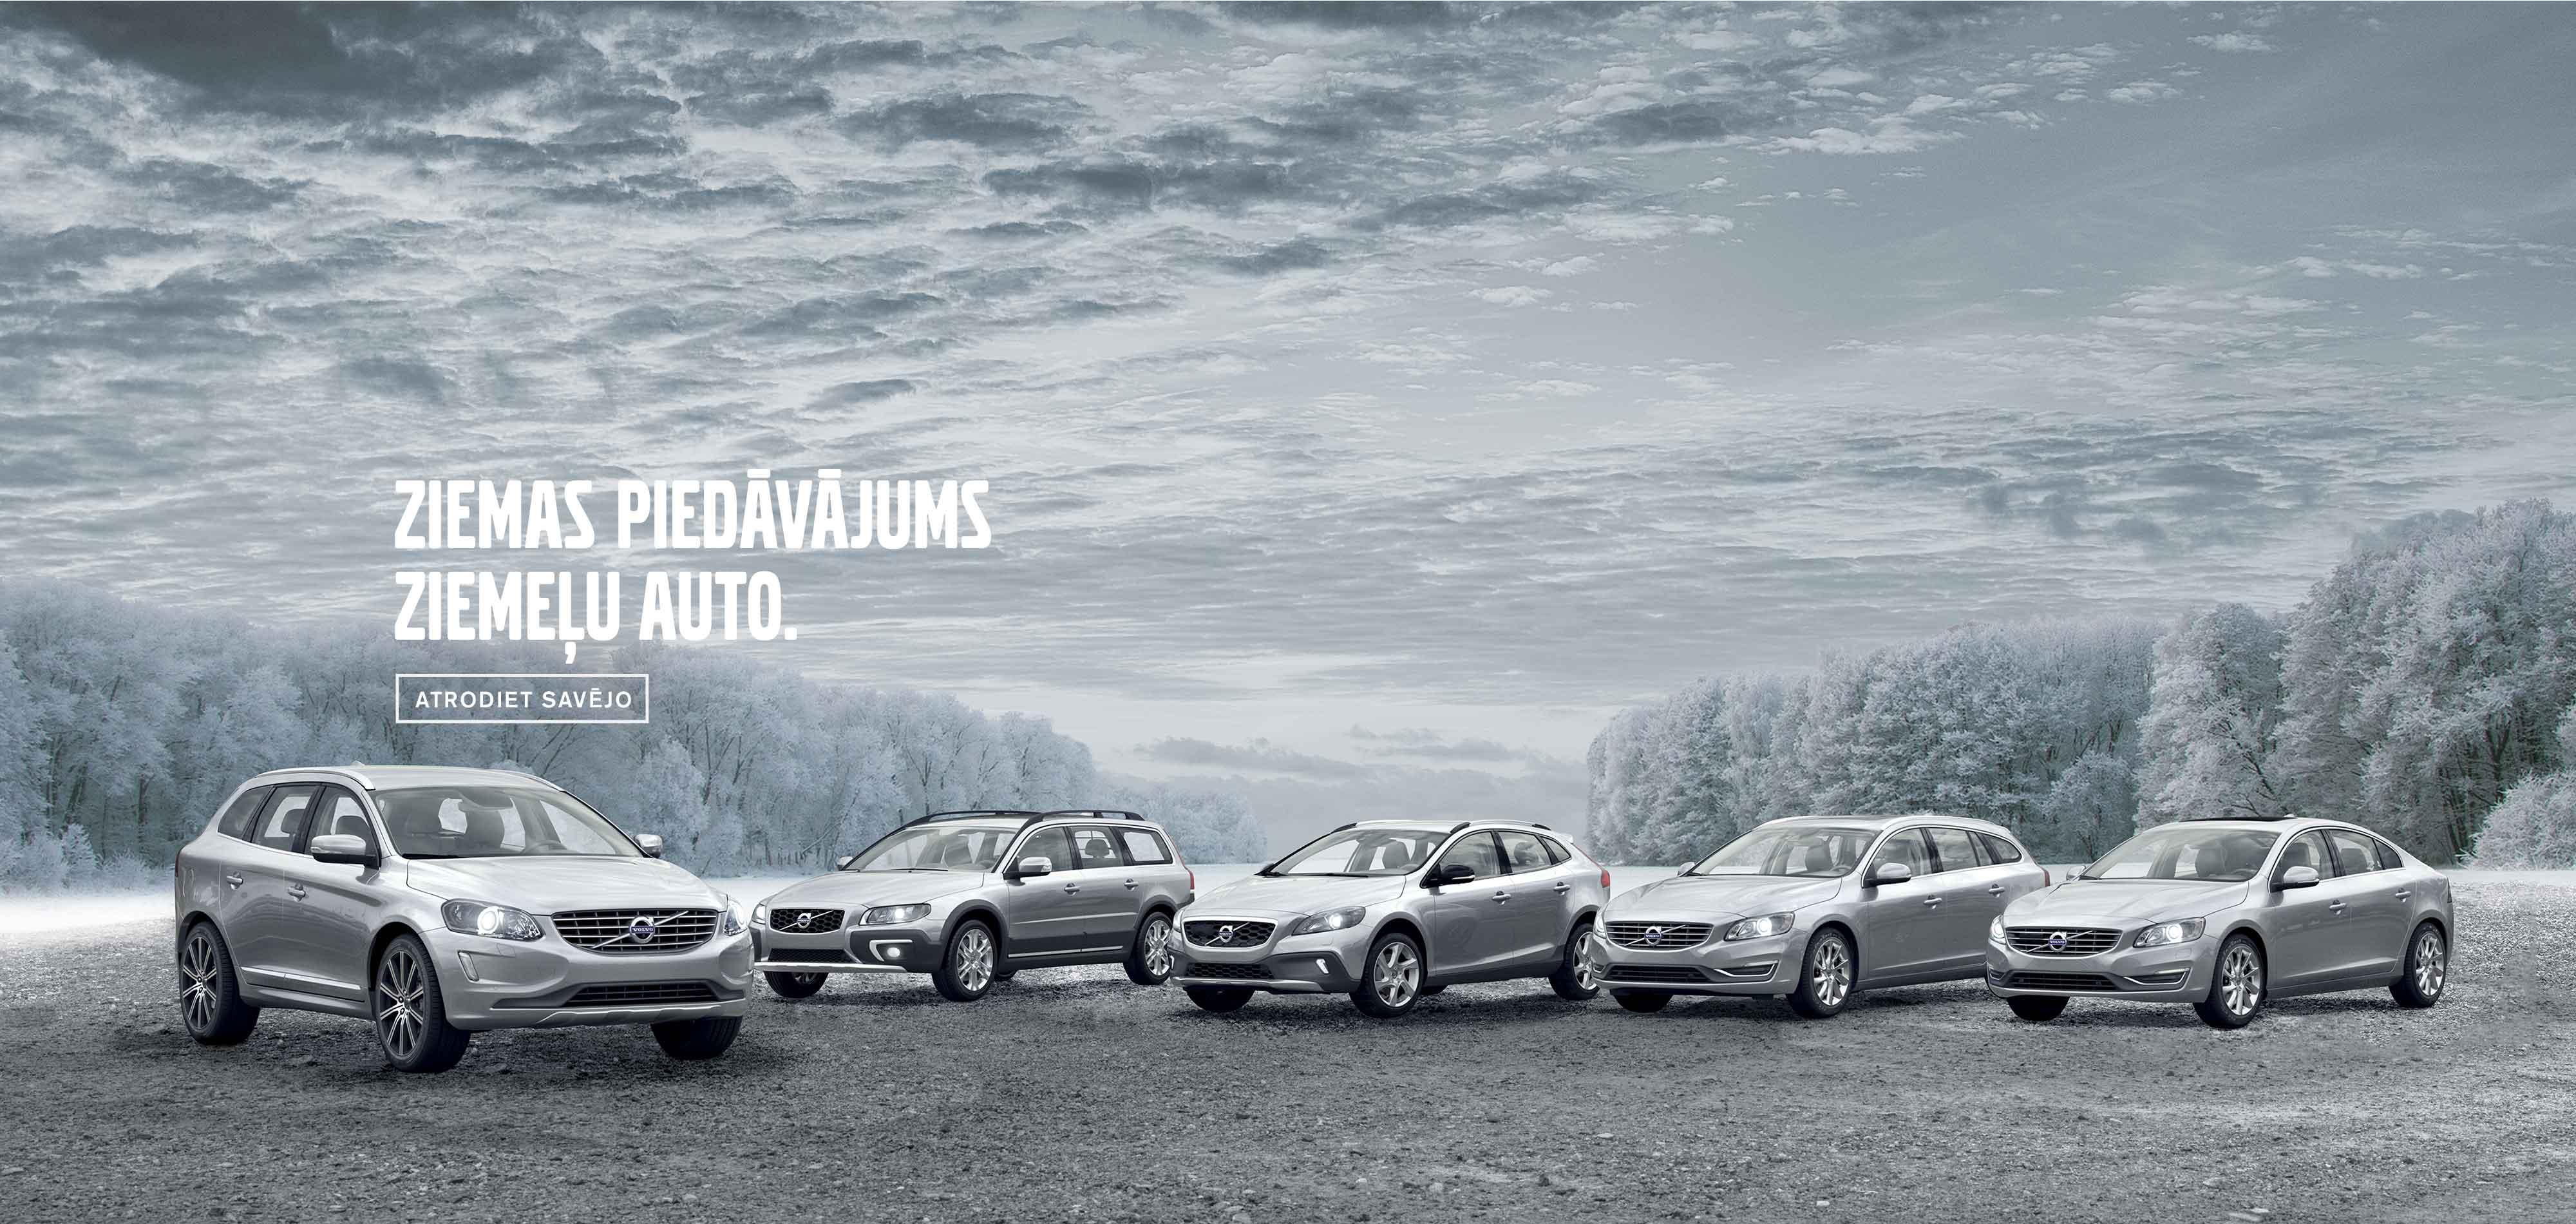 Ziemas piedāvājums ziemeļu auto